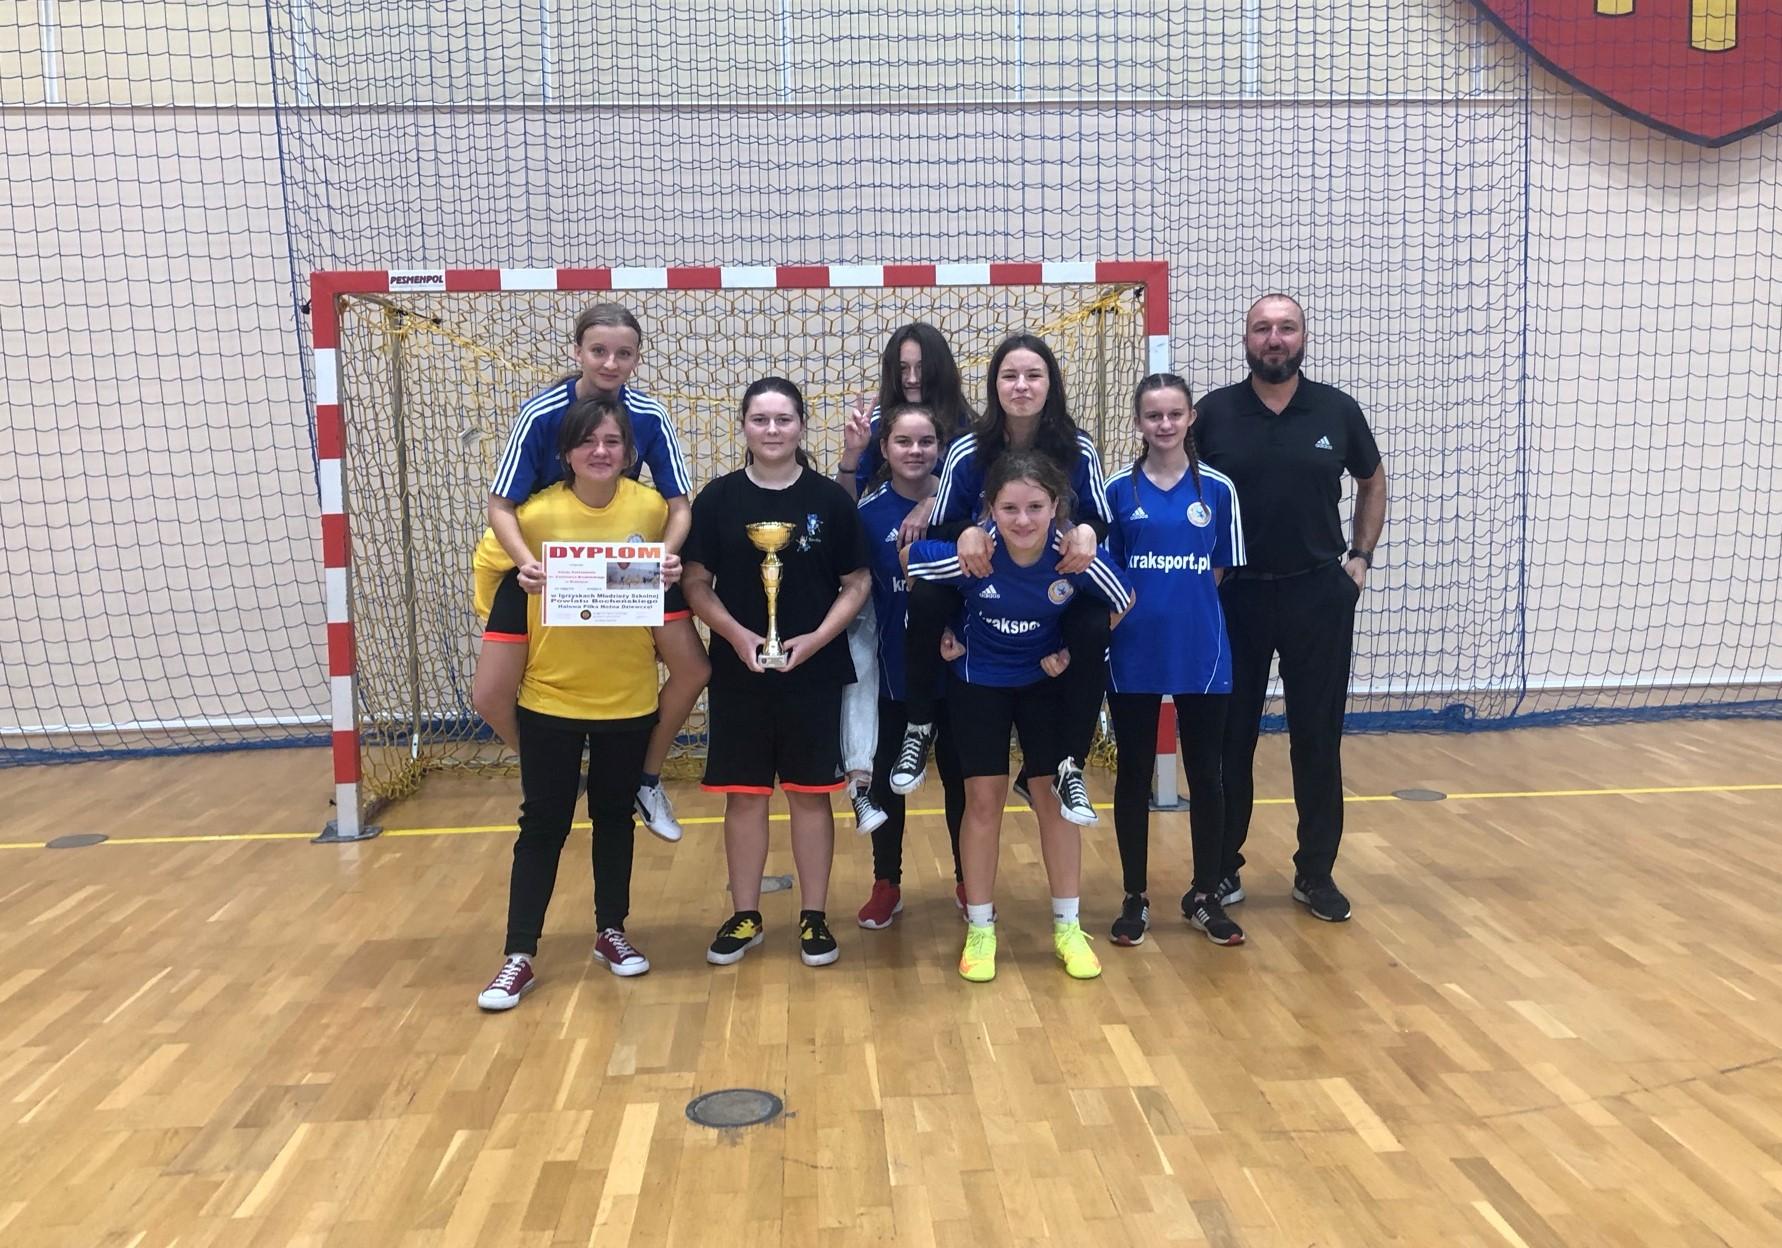 Zawody Powiatowe w Halowej Piłce Nożnej Dziewcząt (Igrzyska Młodzieży Szkolnej)